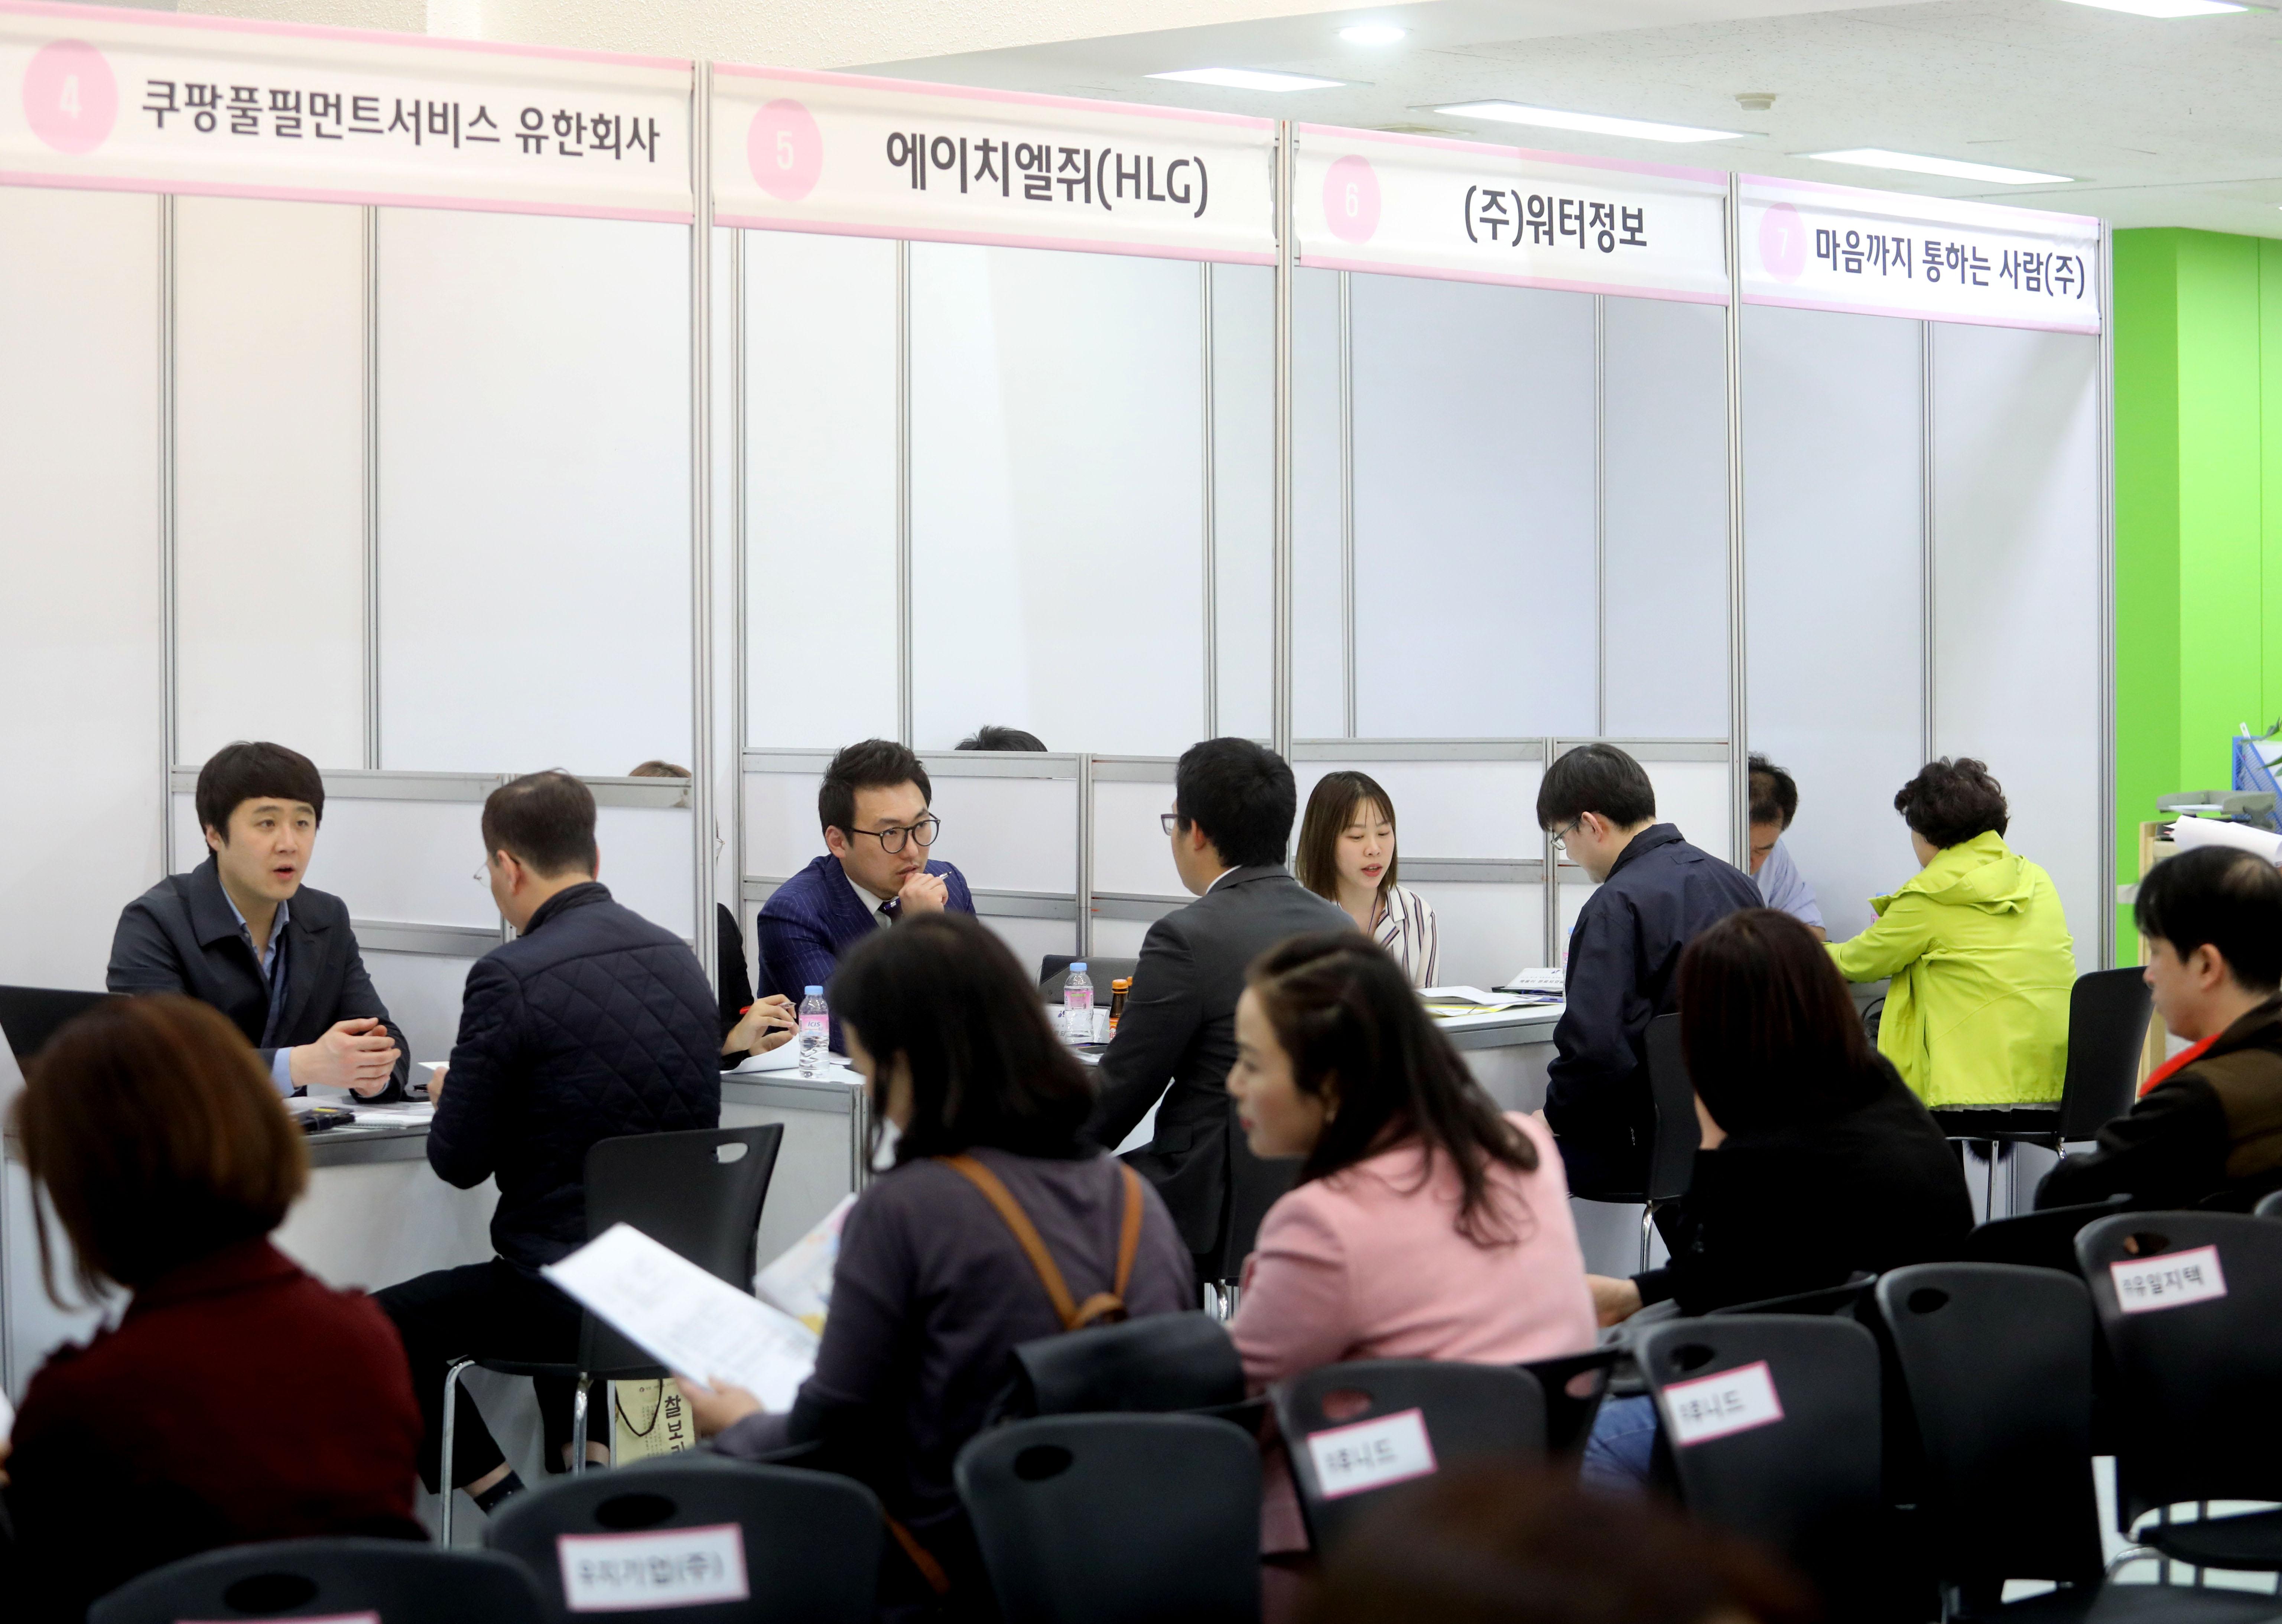 강남구는 취업박람회, 취업특강, 취업 컨설팅 등 다양한 취업지원 사업을 추진하고 있다.